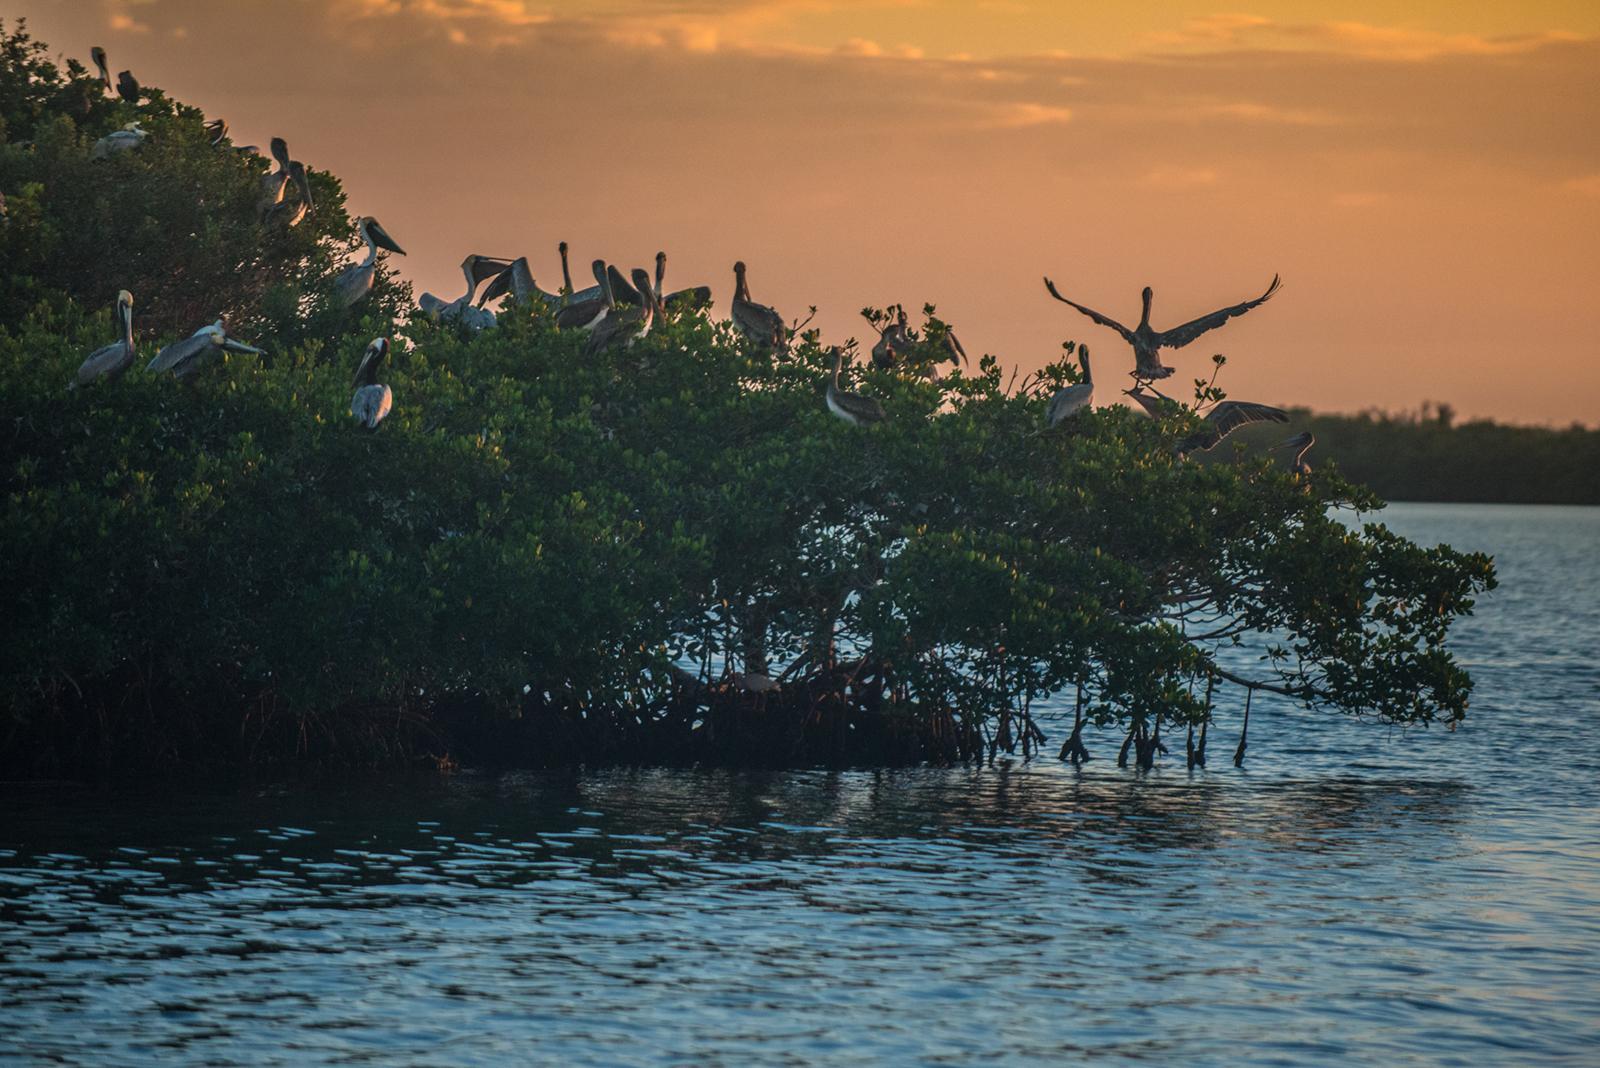 #sunset, #pelican, #orangeandblue, #rookerybay, #rookeryisland, #mangrove, #goodnight